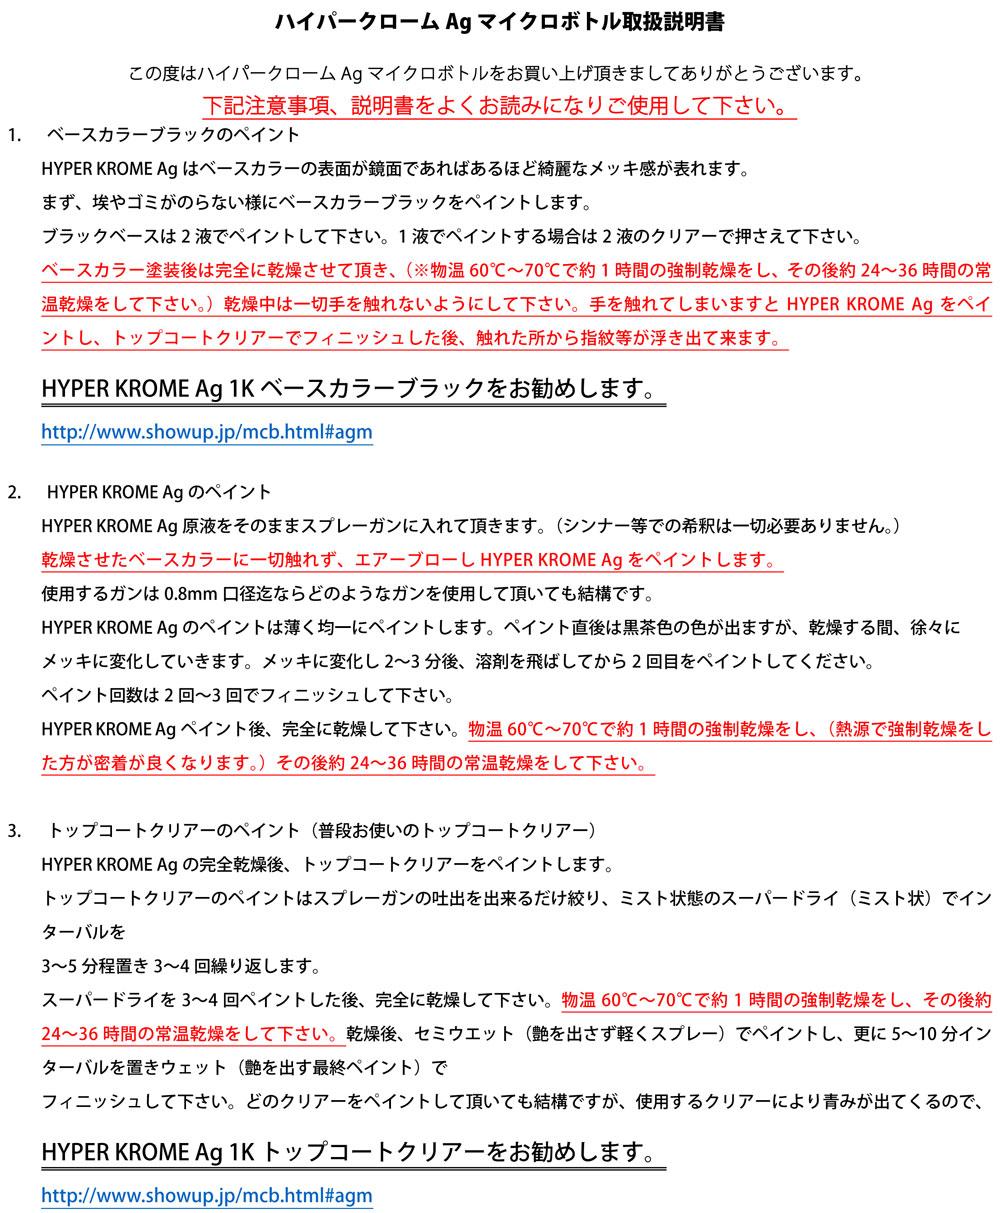 ハイパークローム AgR レインボーメッキ 1K Kit塗料(Show UPハイパークロームNo.HKAGR-1KK)商品画像_2